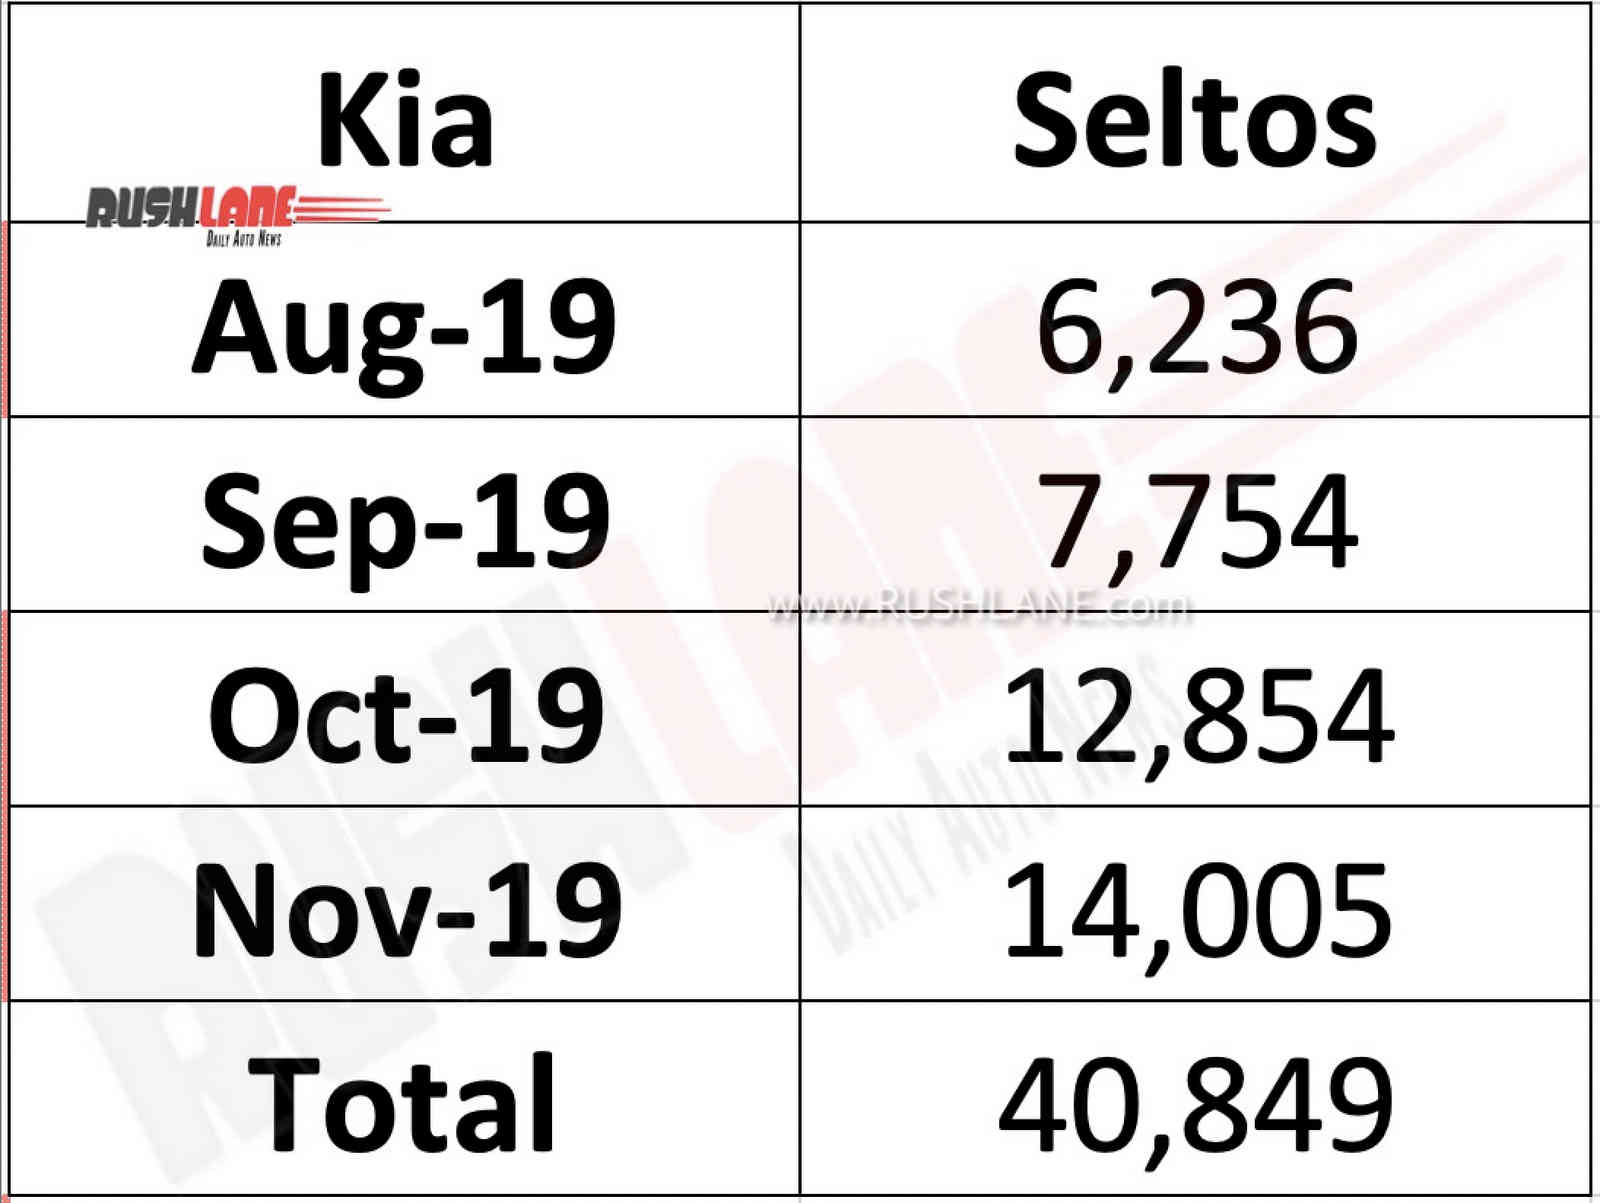 Kia Seltos sales Nov 2019